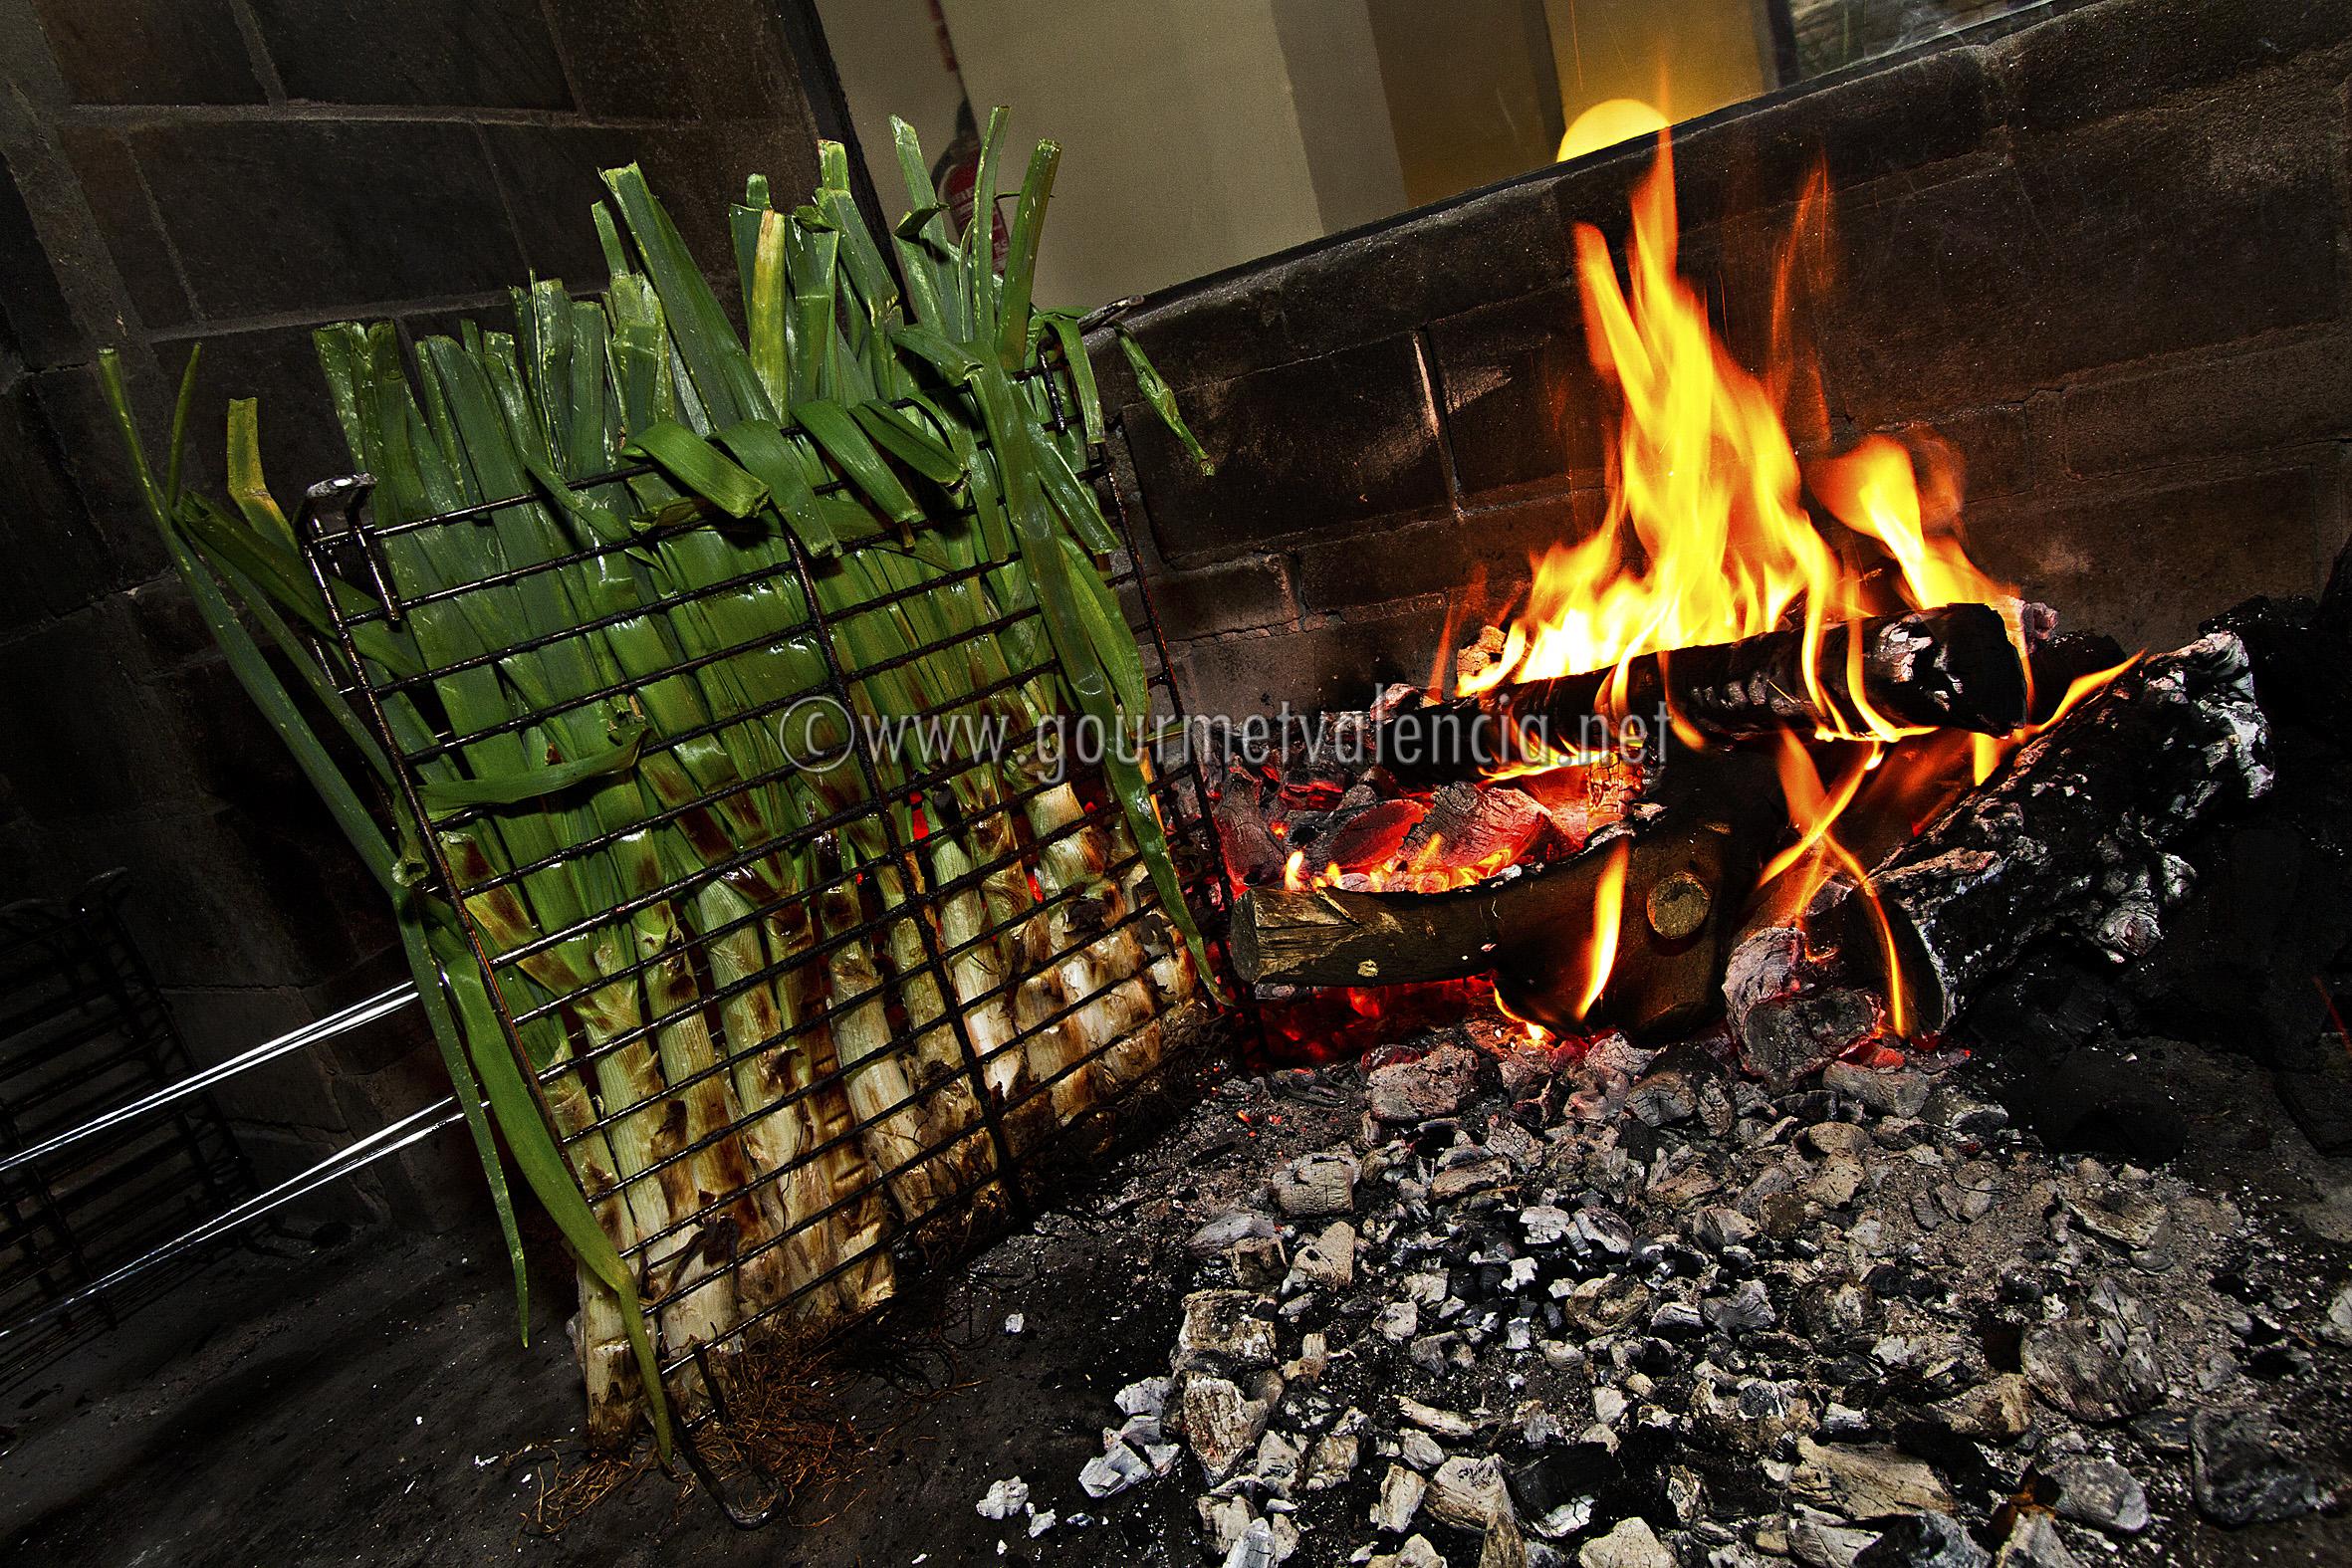 Cal ots cocina mediterr nea y brasas gourmetvalencia for Pesadilla en la cocina brasas